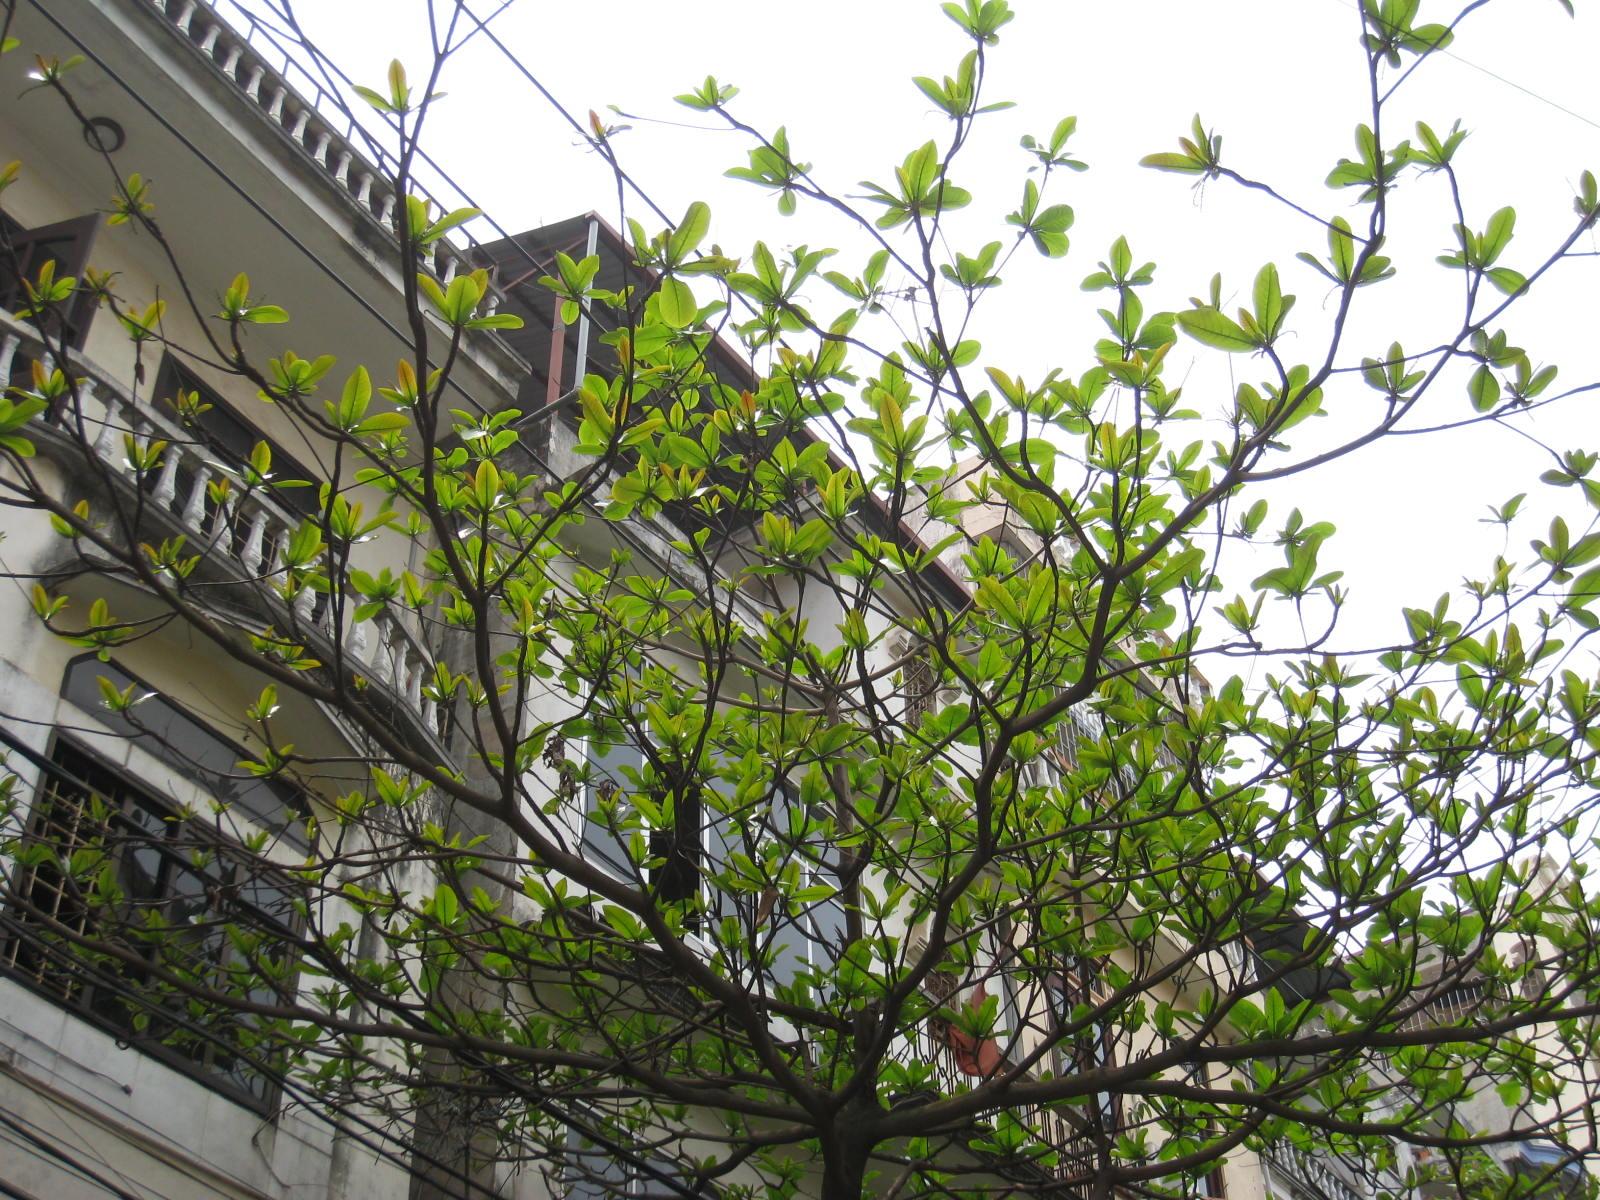 Hình ảnh cây bàng mùa xuân